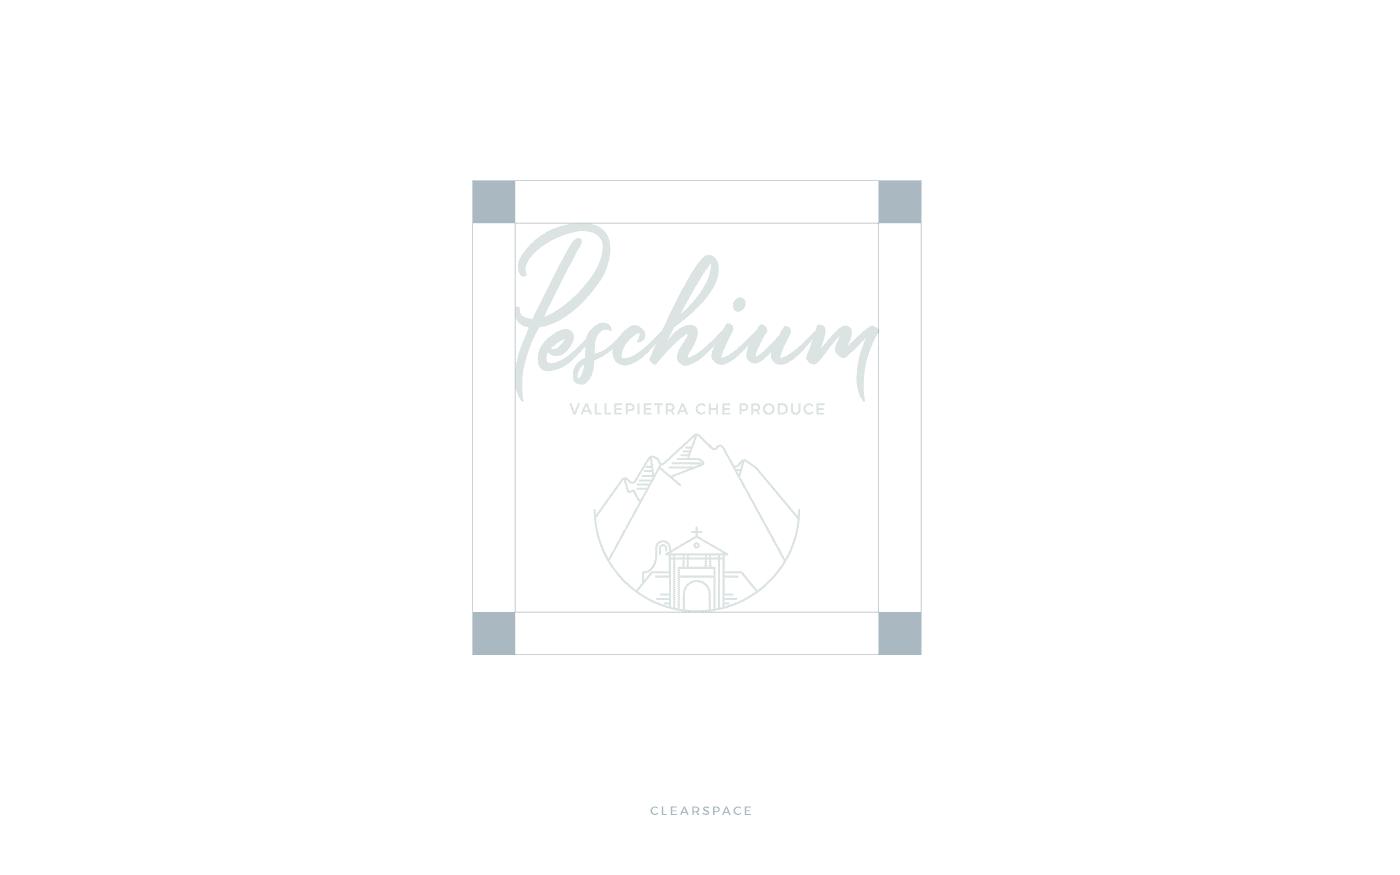 Peschium Area di rispetto Logo